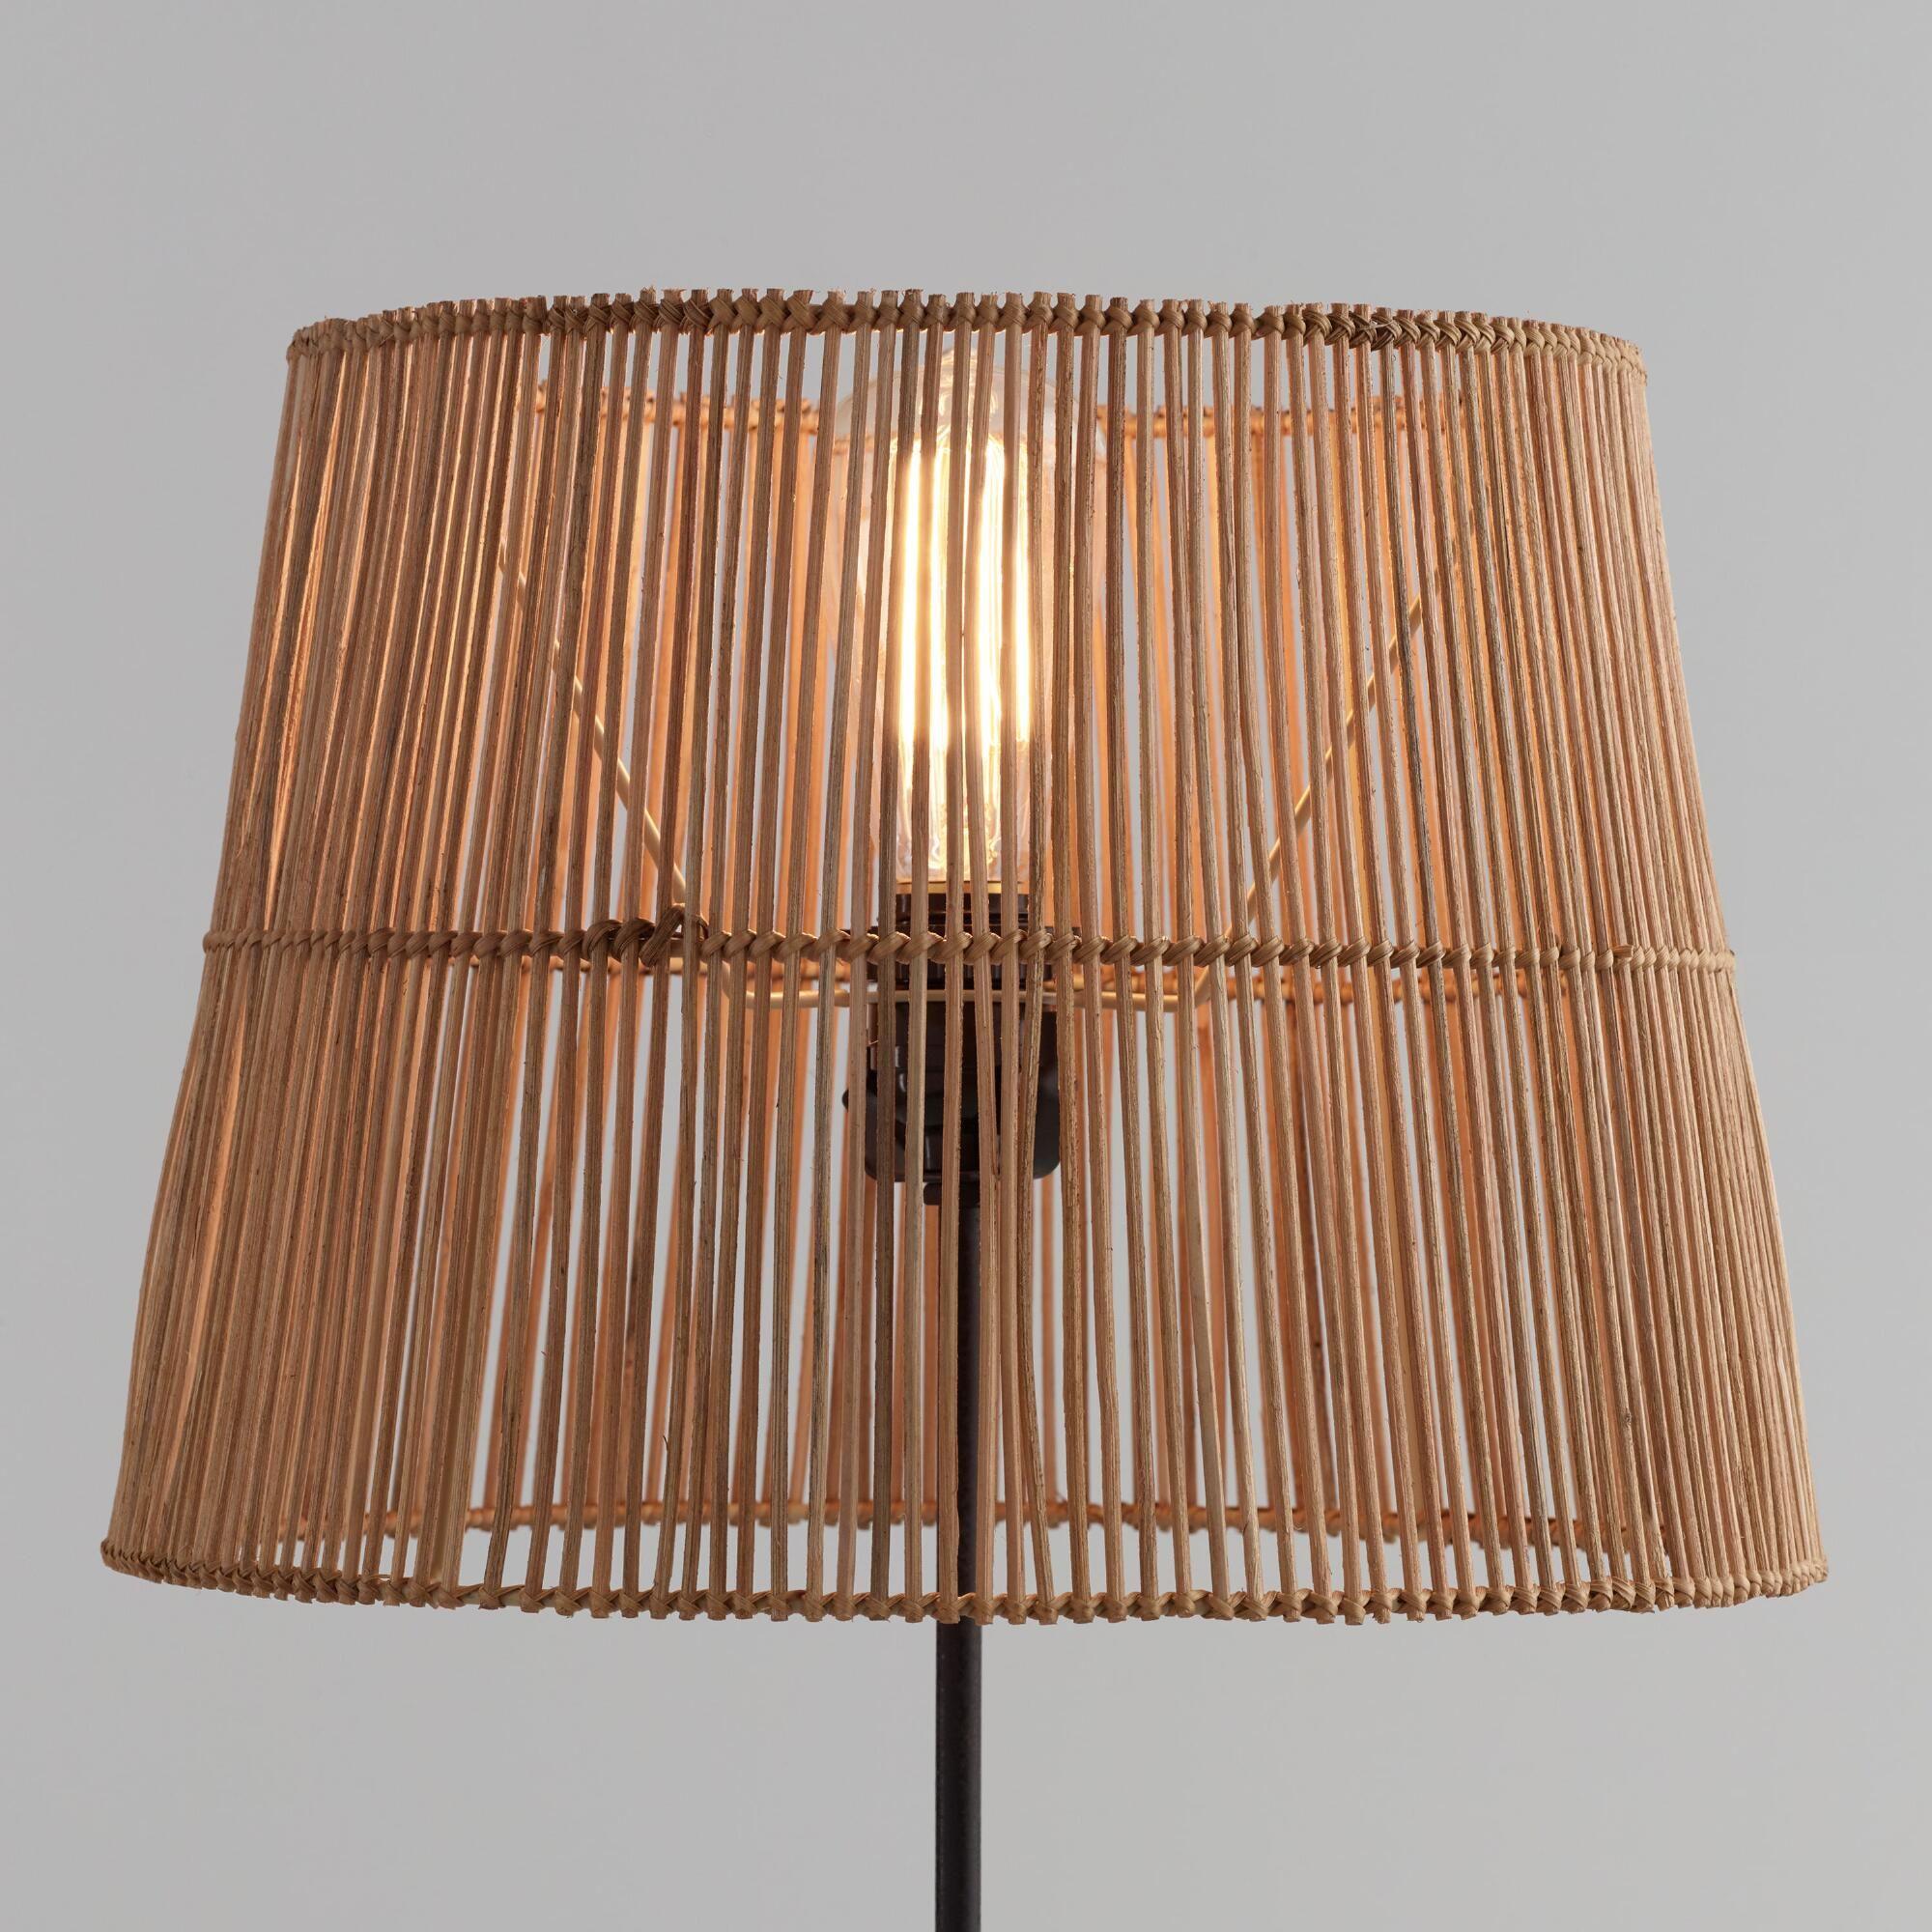 Natural Rattan Table Lamp Shade Table Lamp Shades Bamboo Lamp